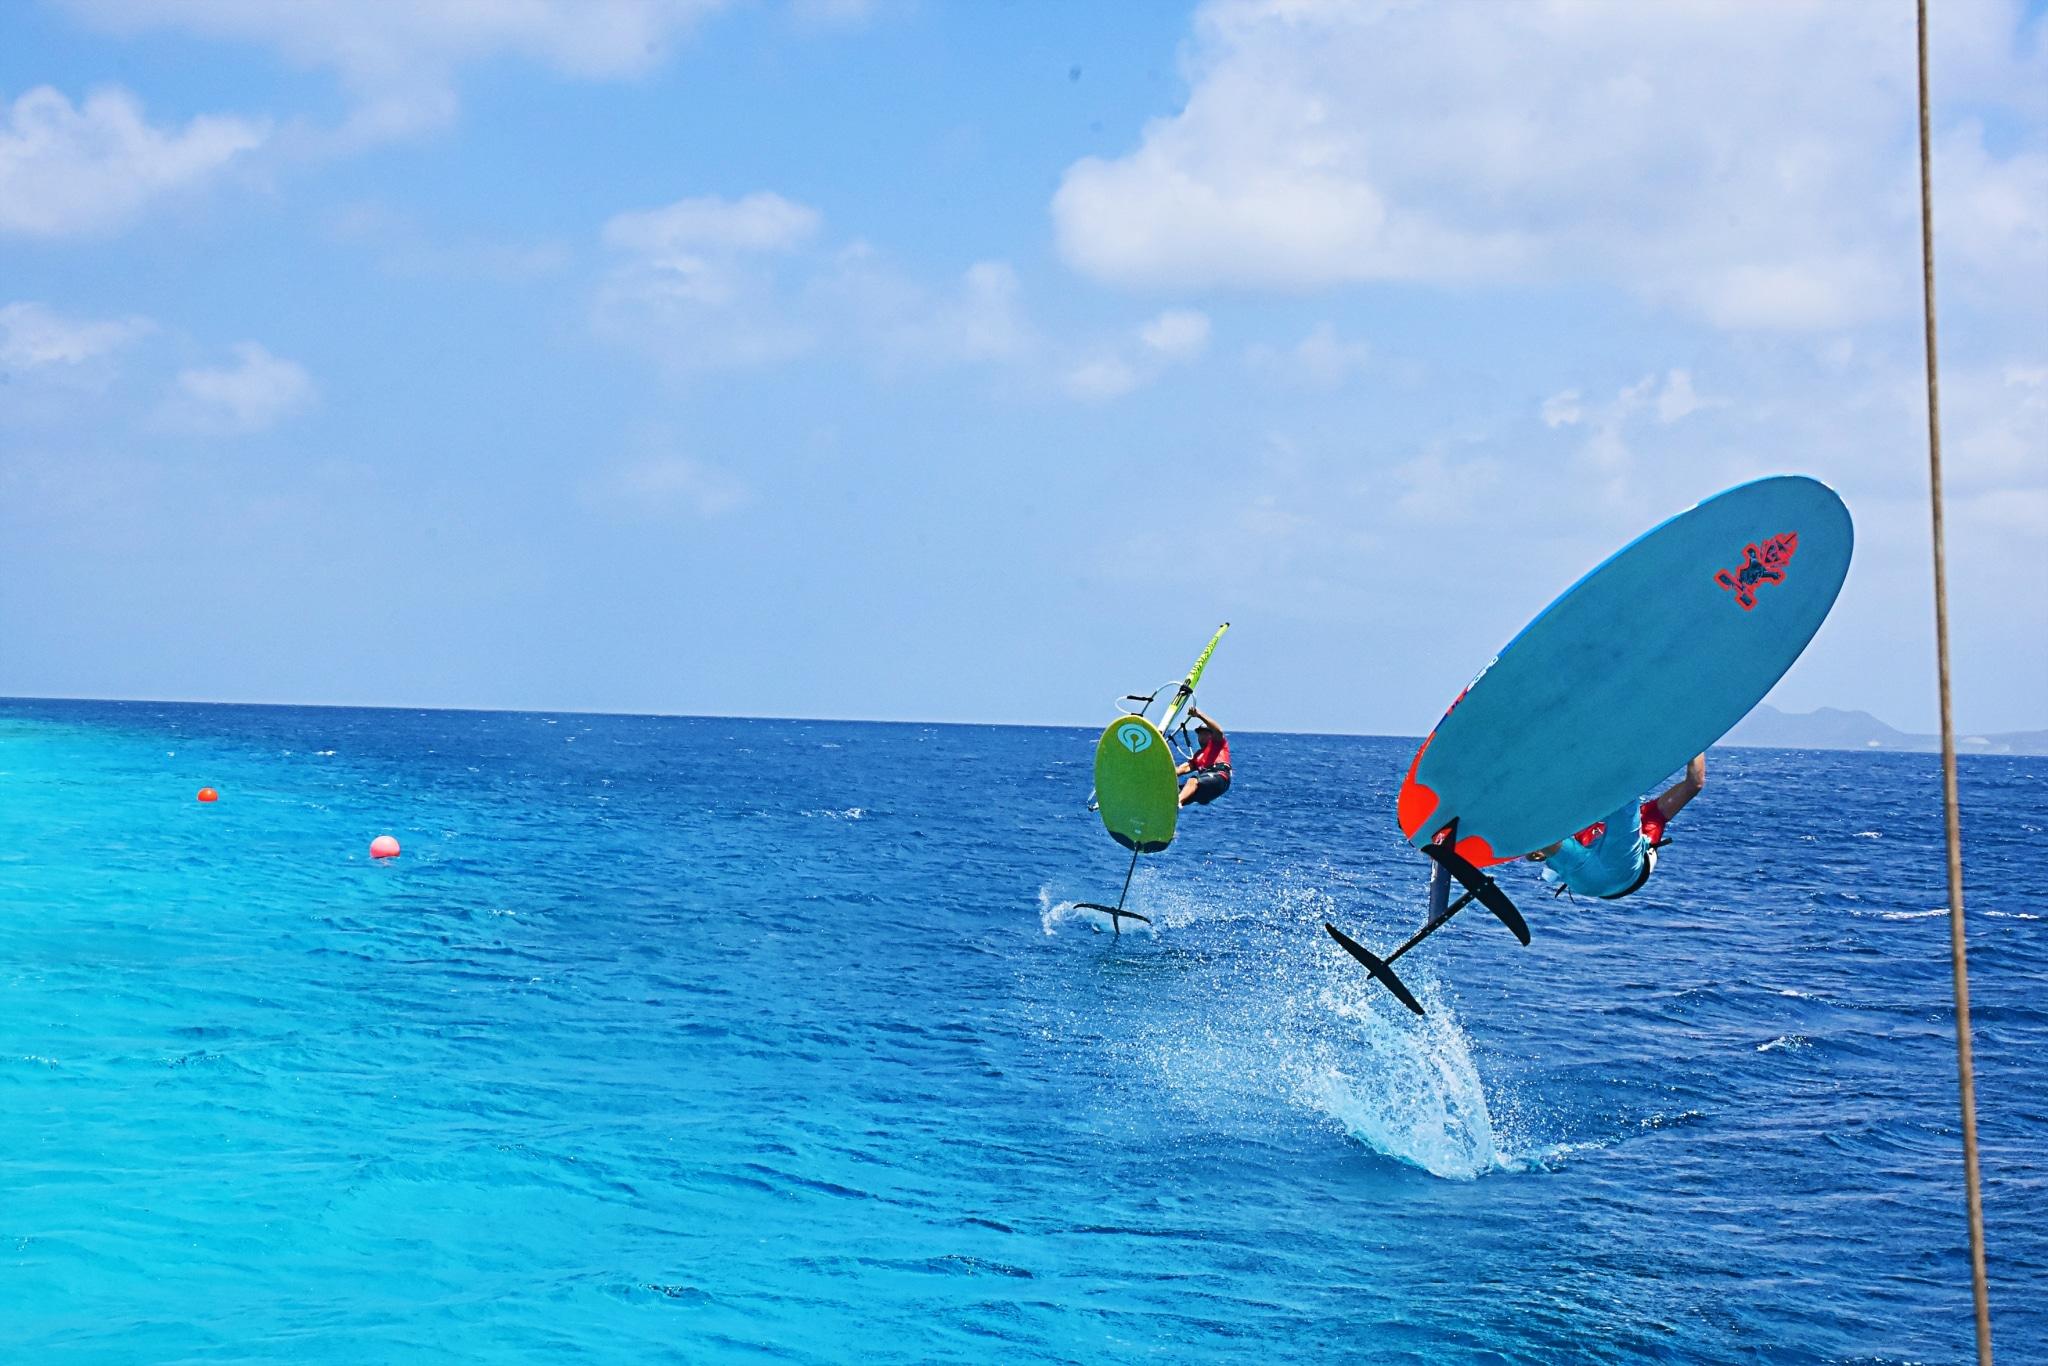 RETTER Surf, Dunkerbeck Pro Center